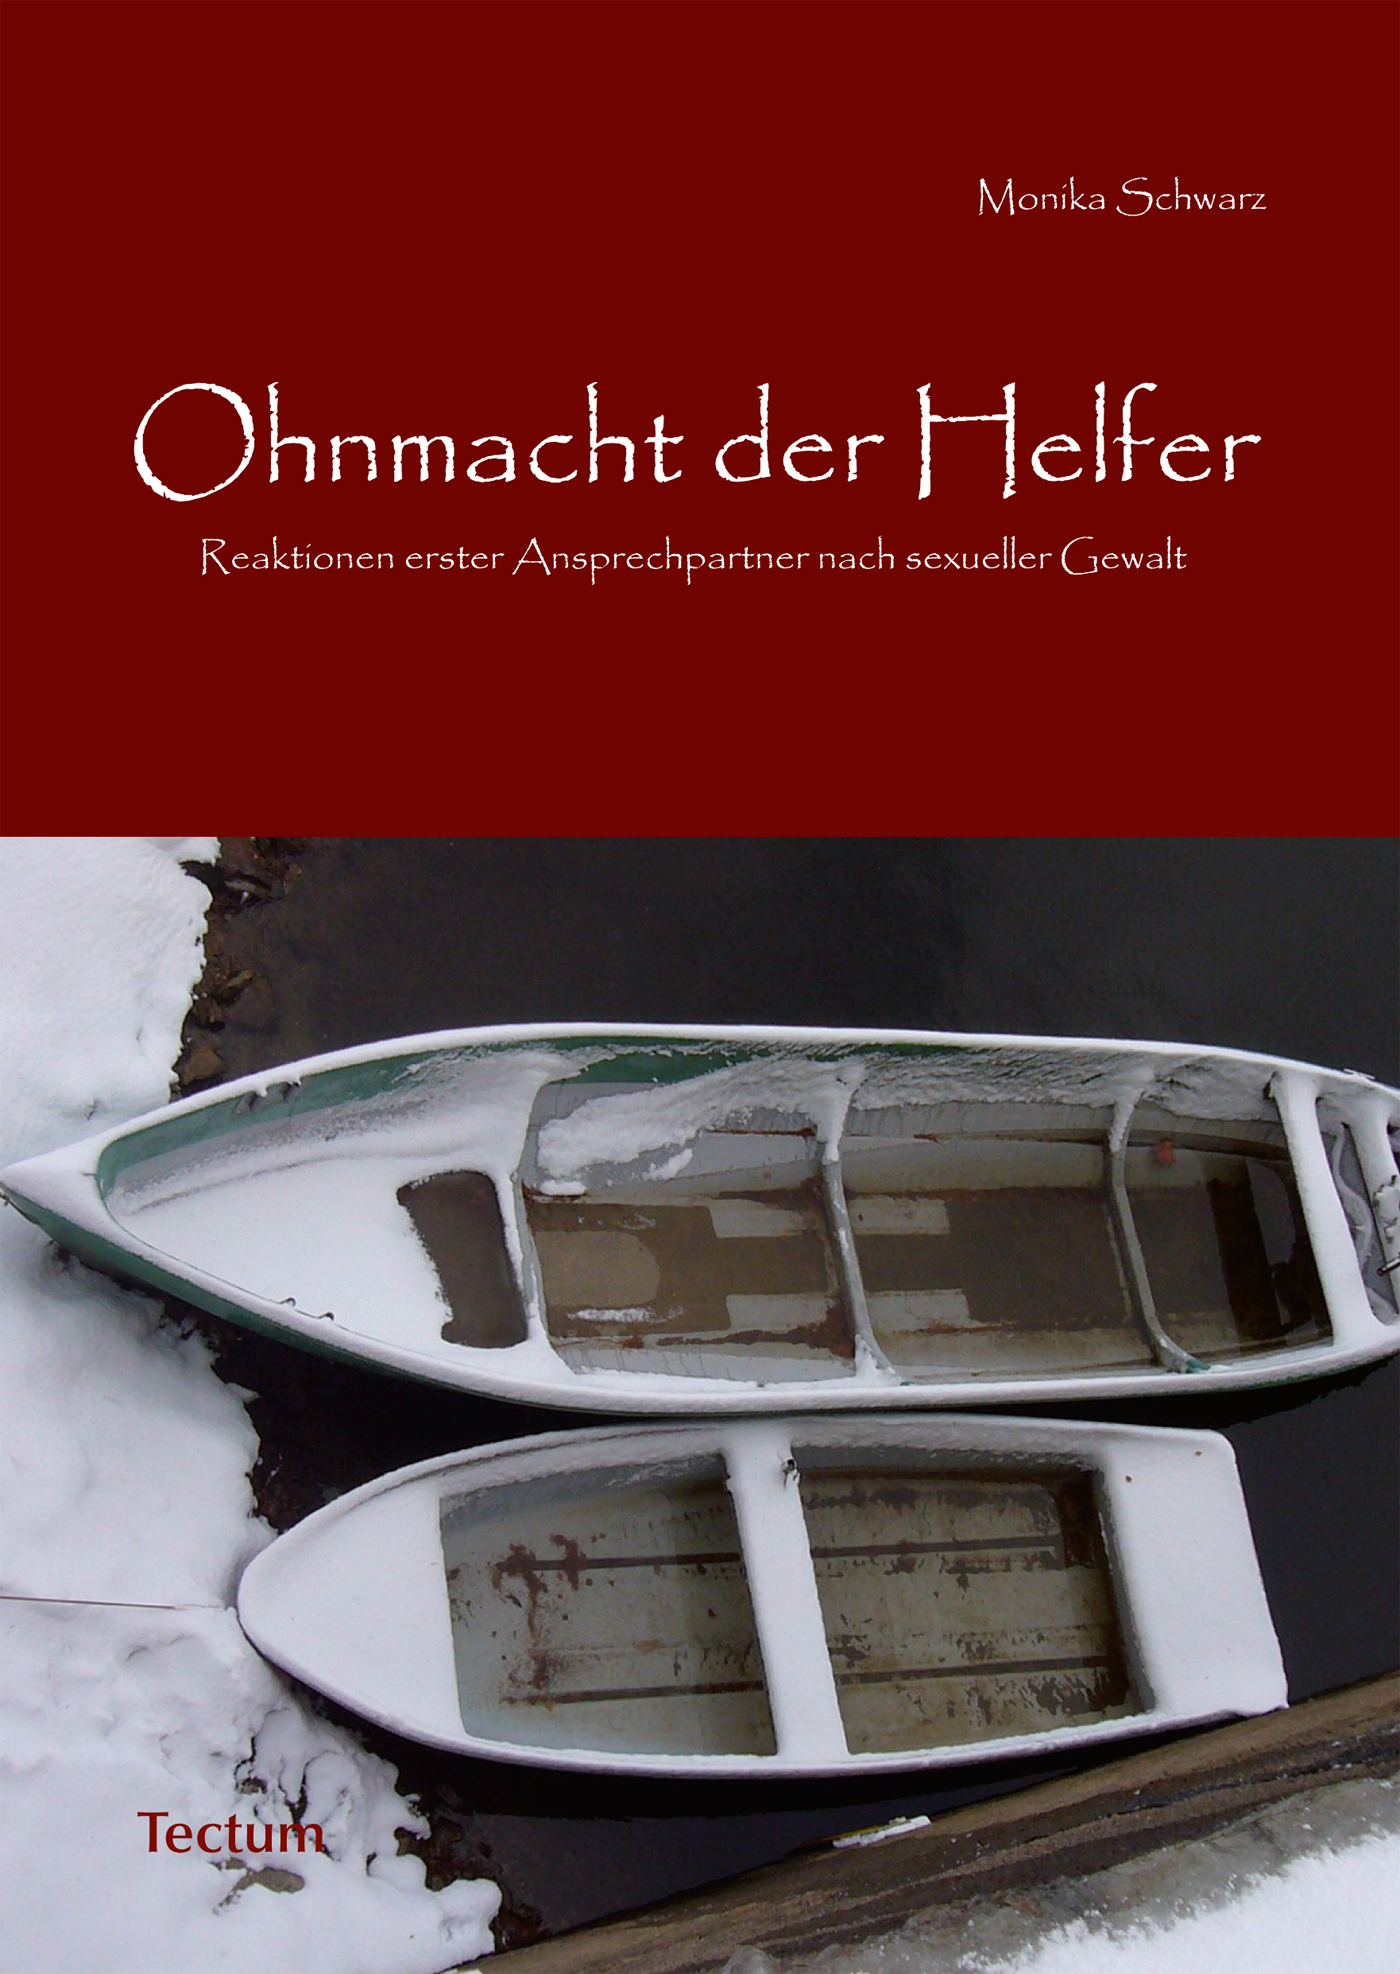 Monika Schwarz Ohnmacht der Helfer tengjia аэрохоккей ice hockey 628 12a